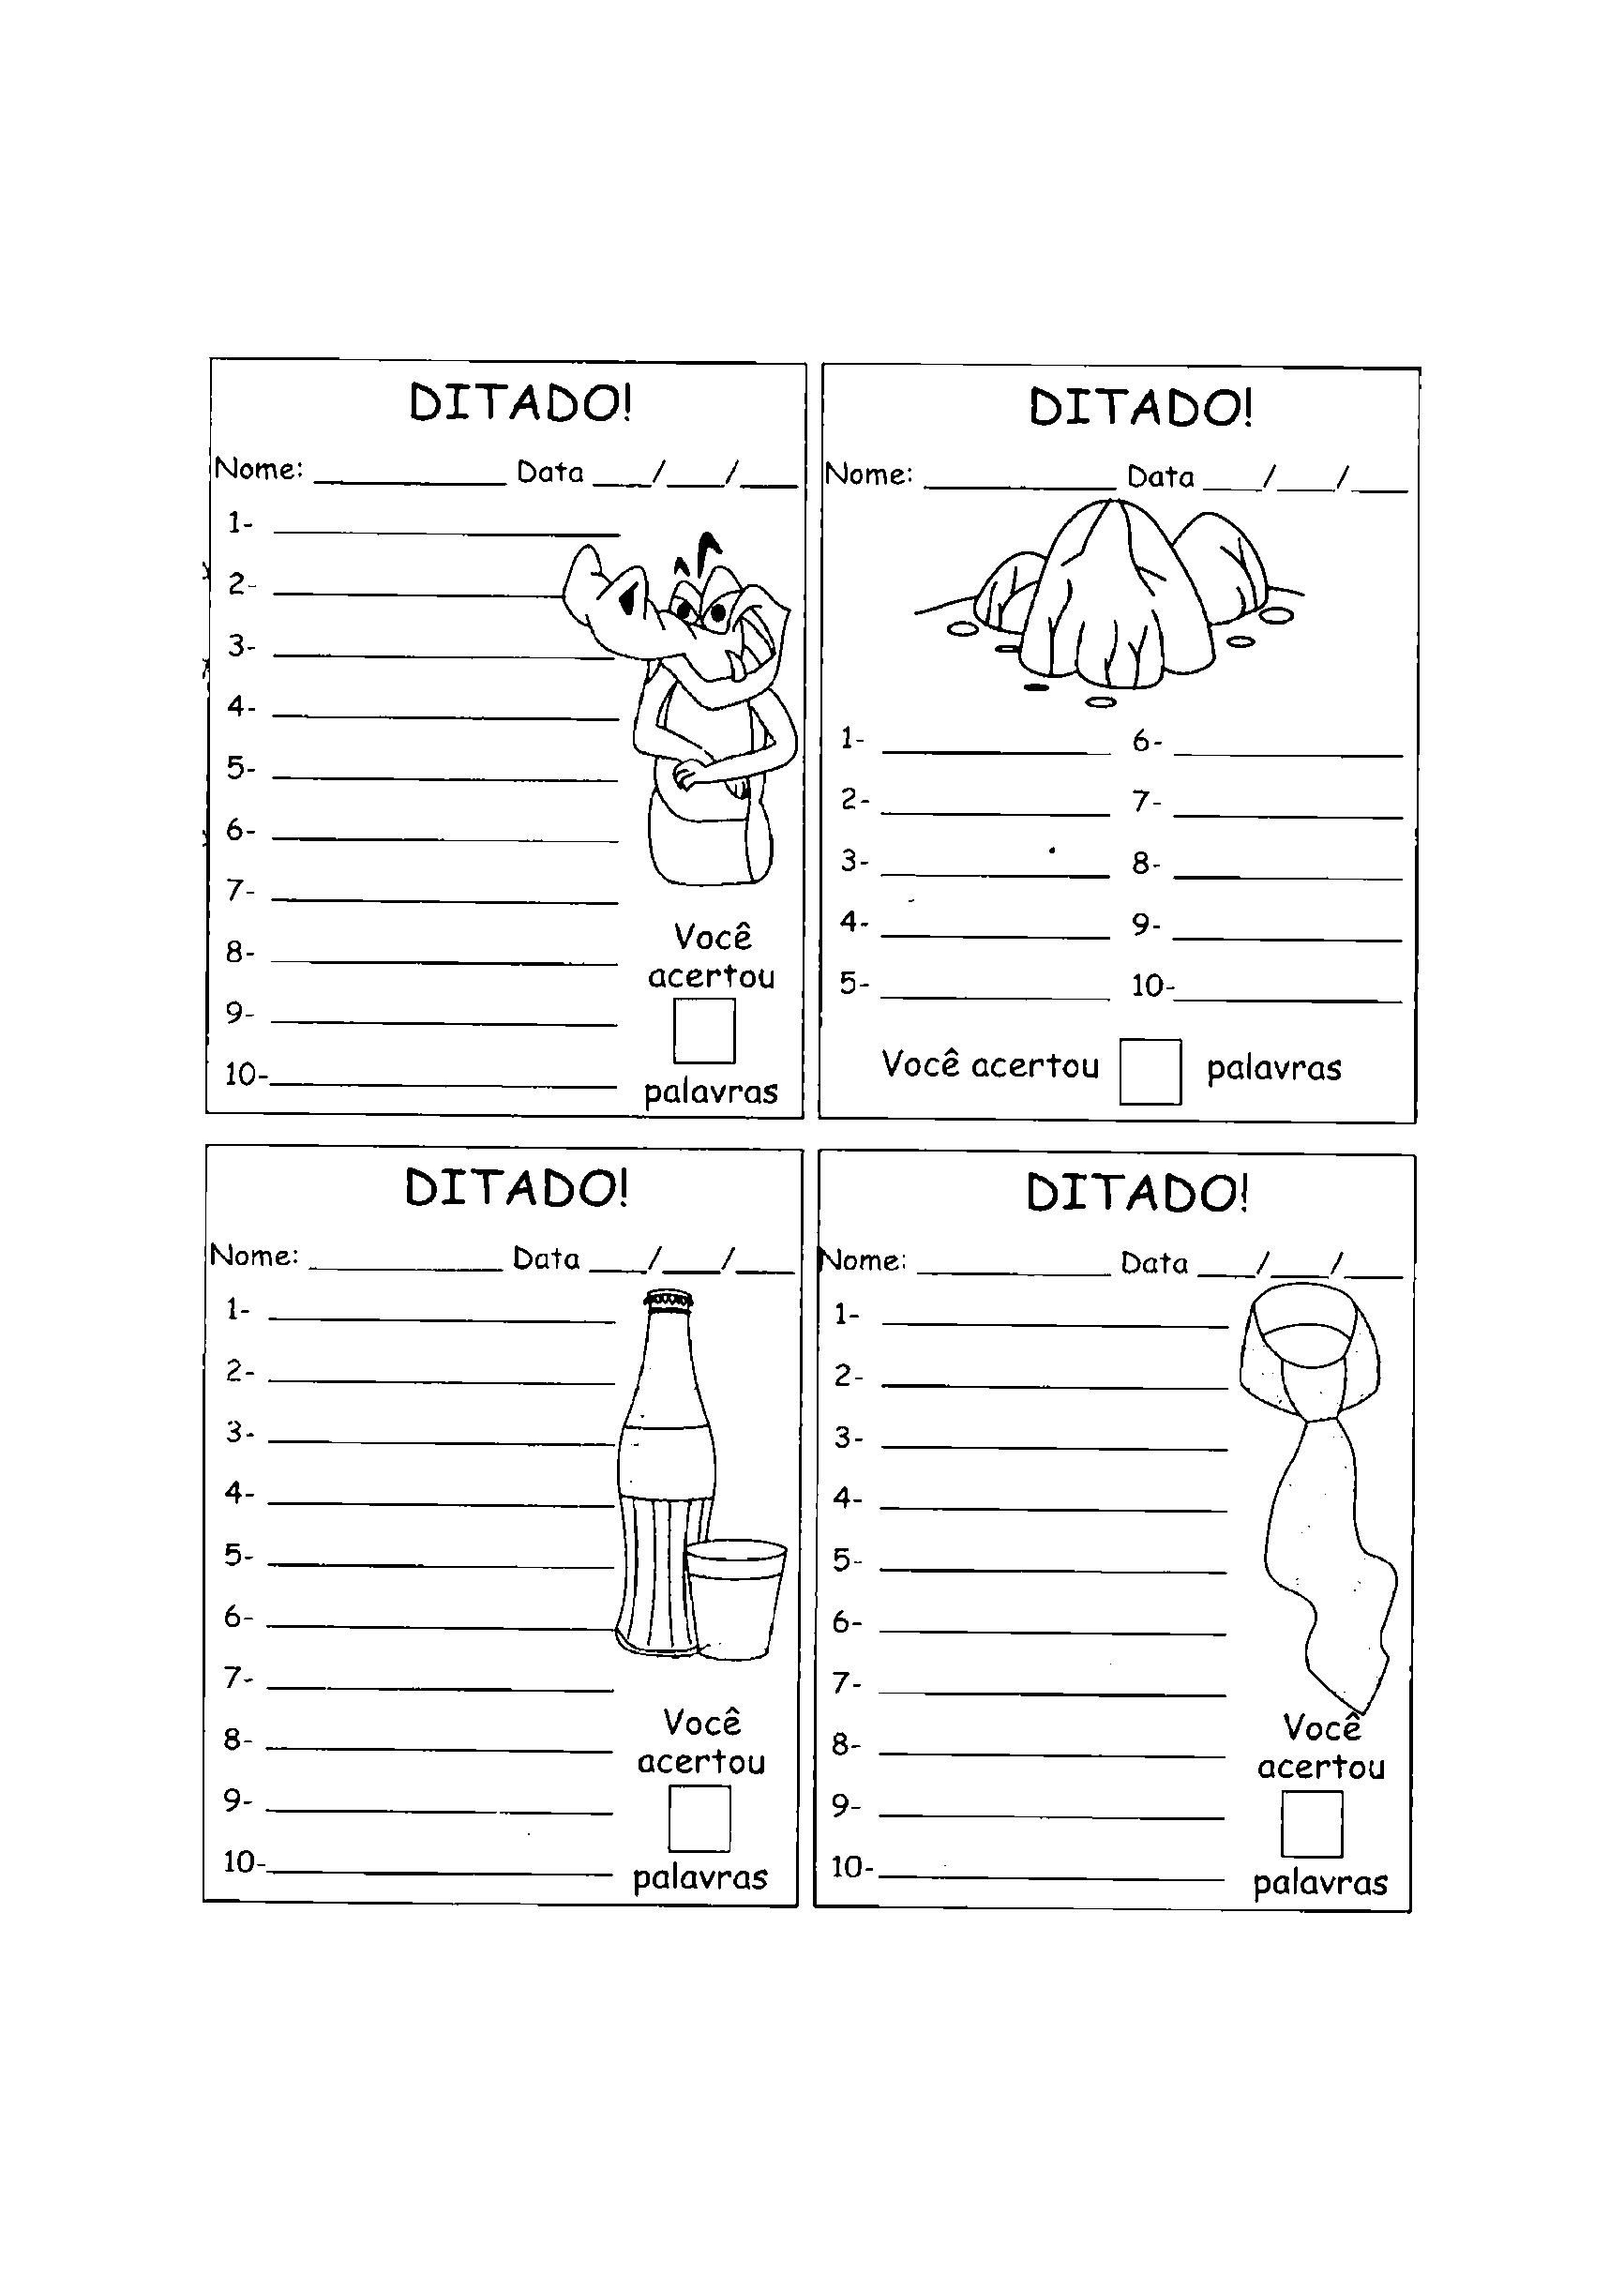 0192-ditado-folhas-jacare